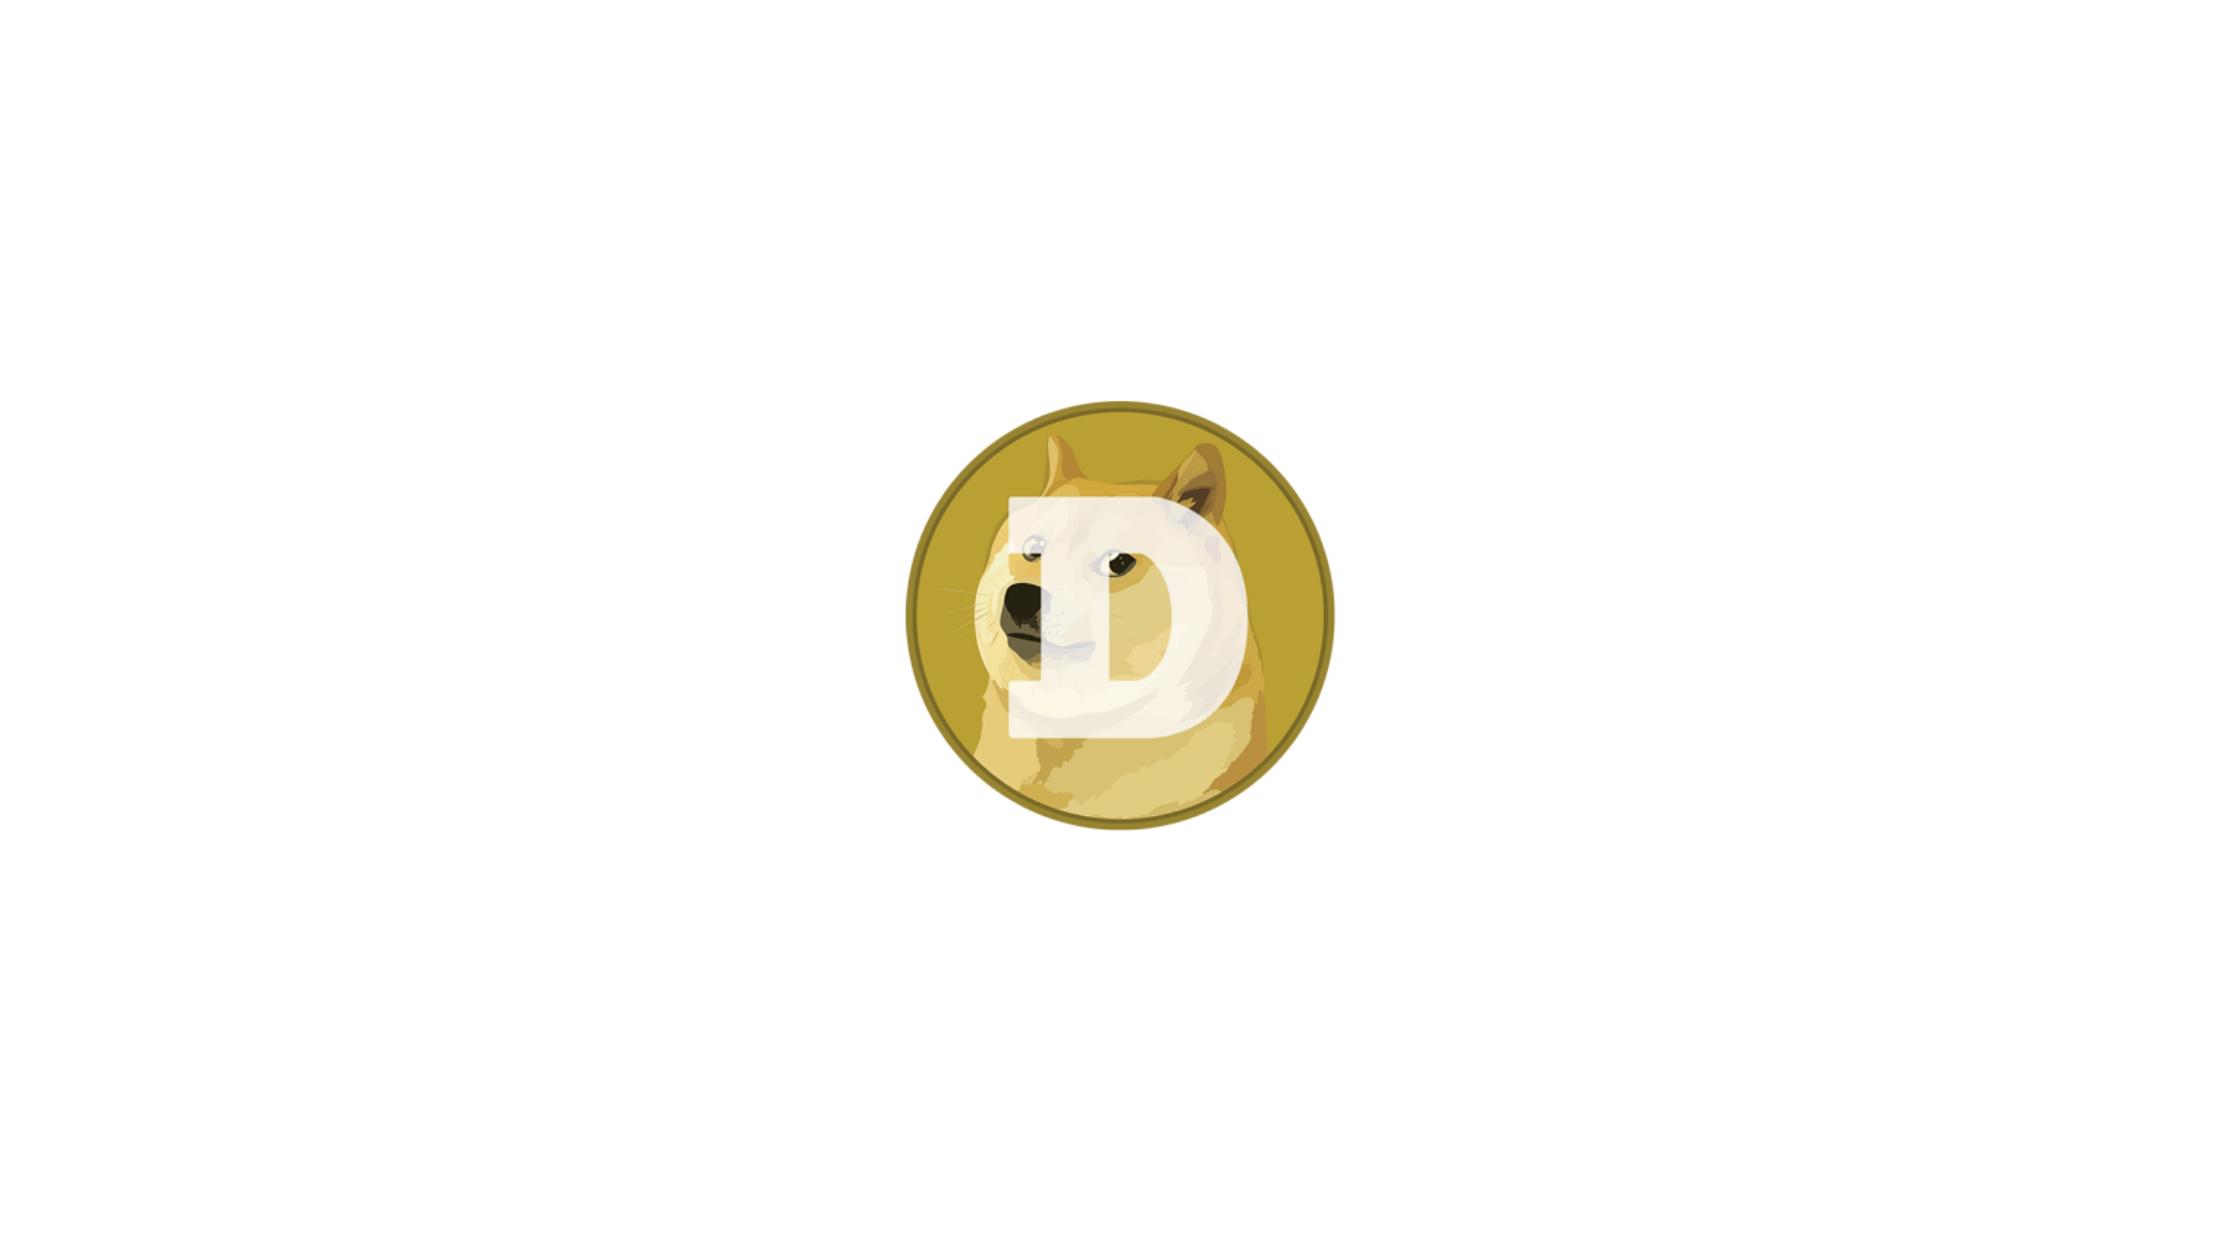 도지코인(DOGE, Dogecoin) 소개 및 시세 전망(호재, 상폐, 스캠 분석)